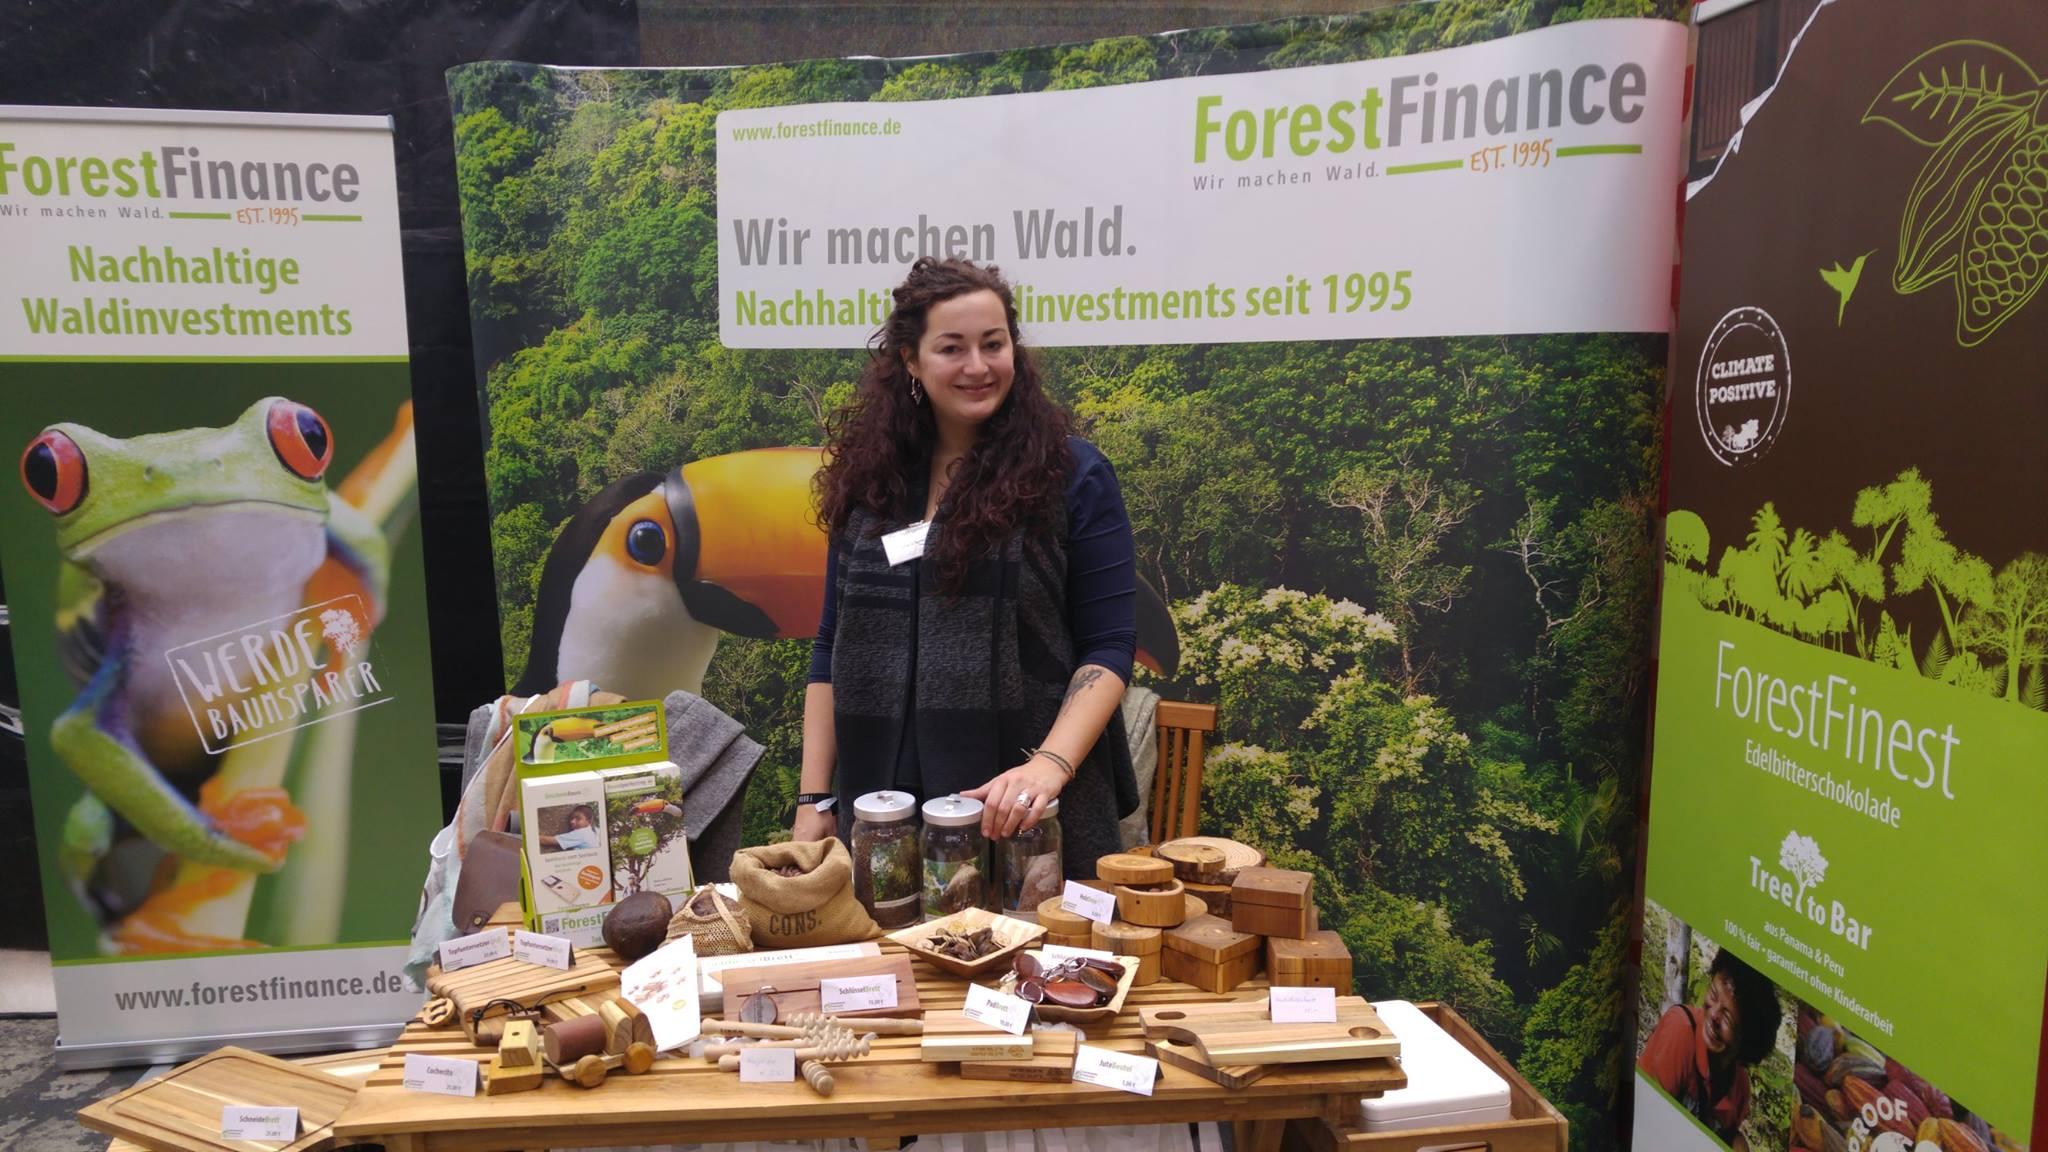 Unser grüner Messestand - hier mit ForestFinance-Mitarbeiterin Julia Schenkel - ist immer ein Besuchermagnet. Foto: ForestFinance